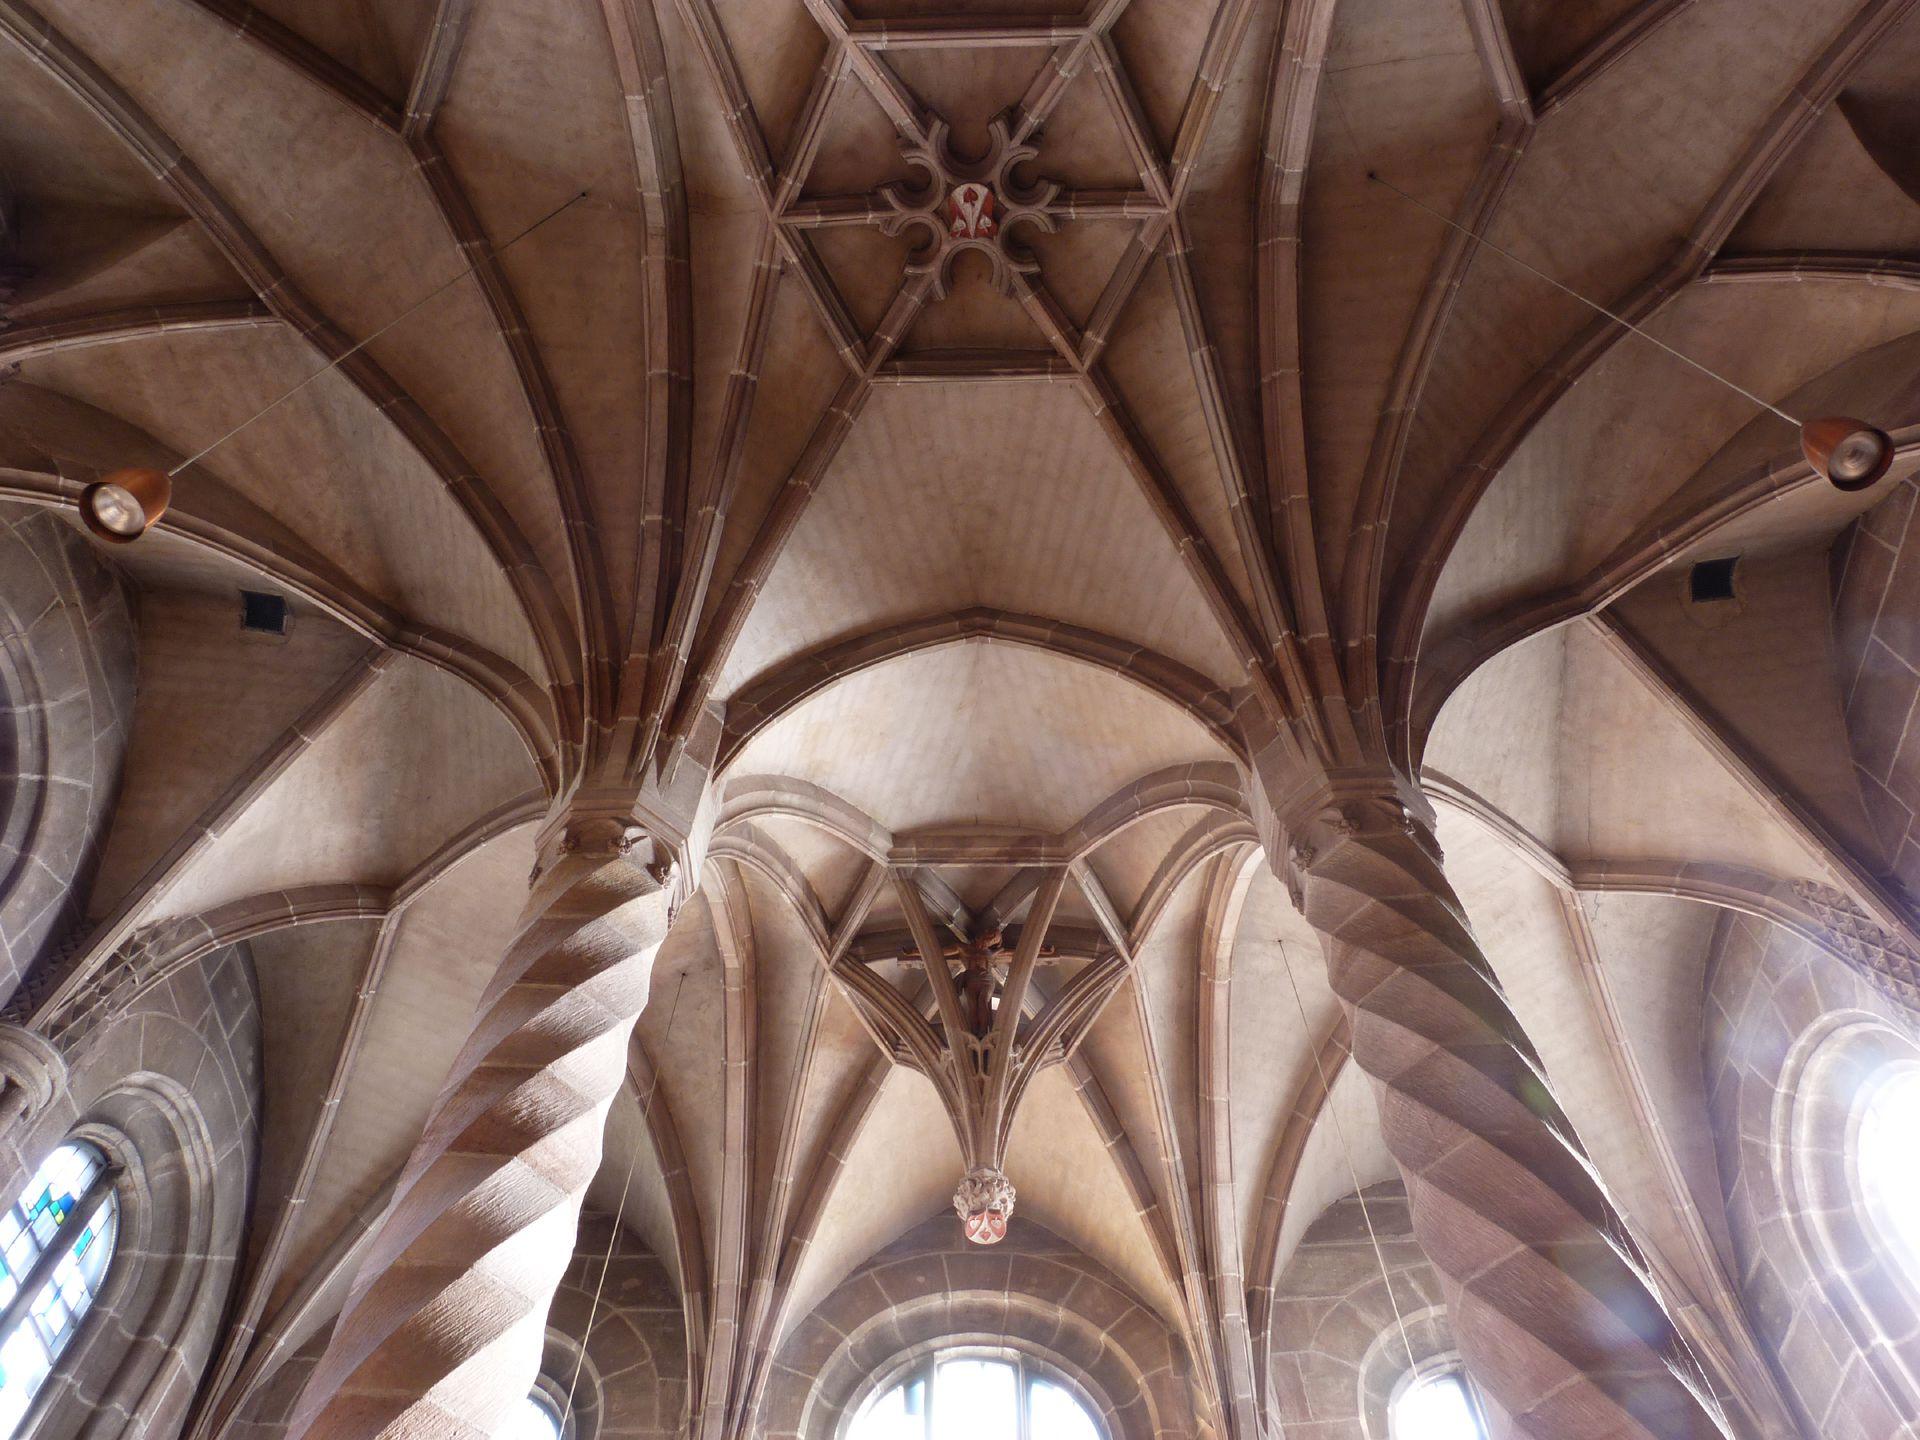 Landauersche Zwölfbrüderkapelle Blick in den sechsjochigen Raum mit gedrehten Pfeilern und Sterngewölbe